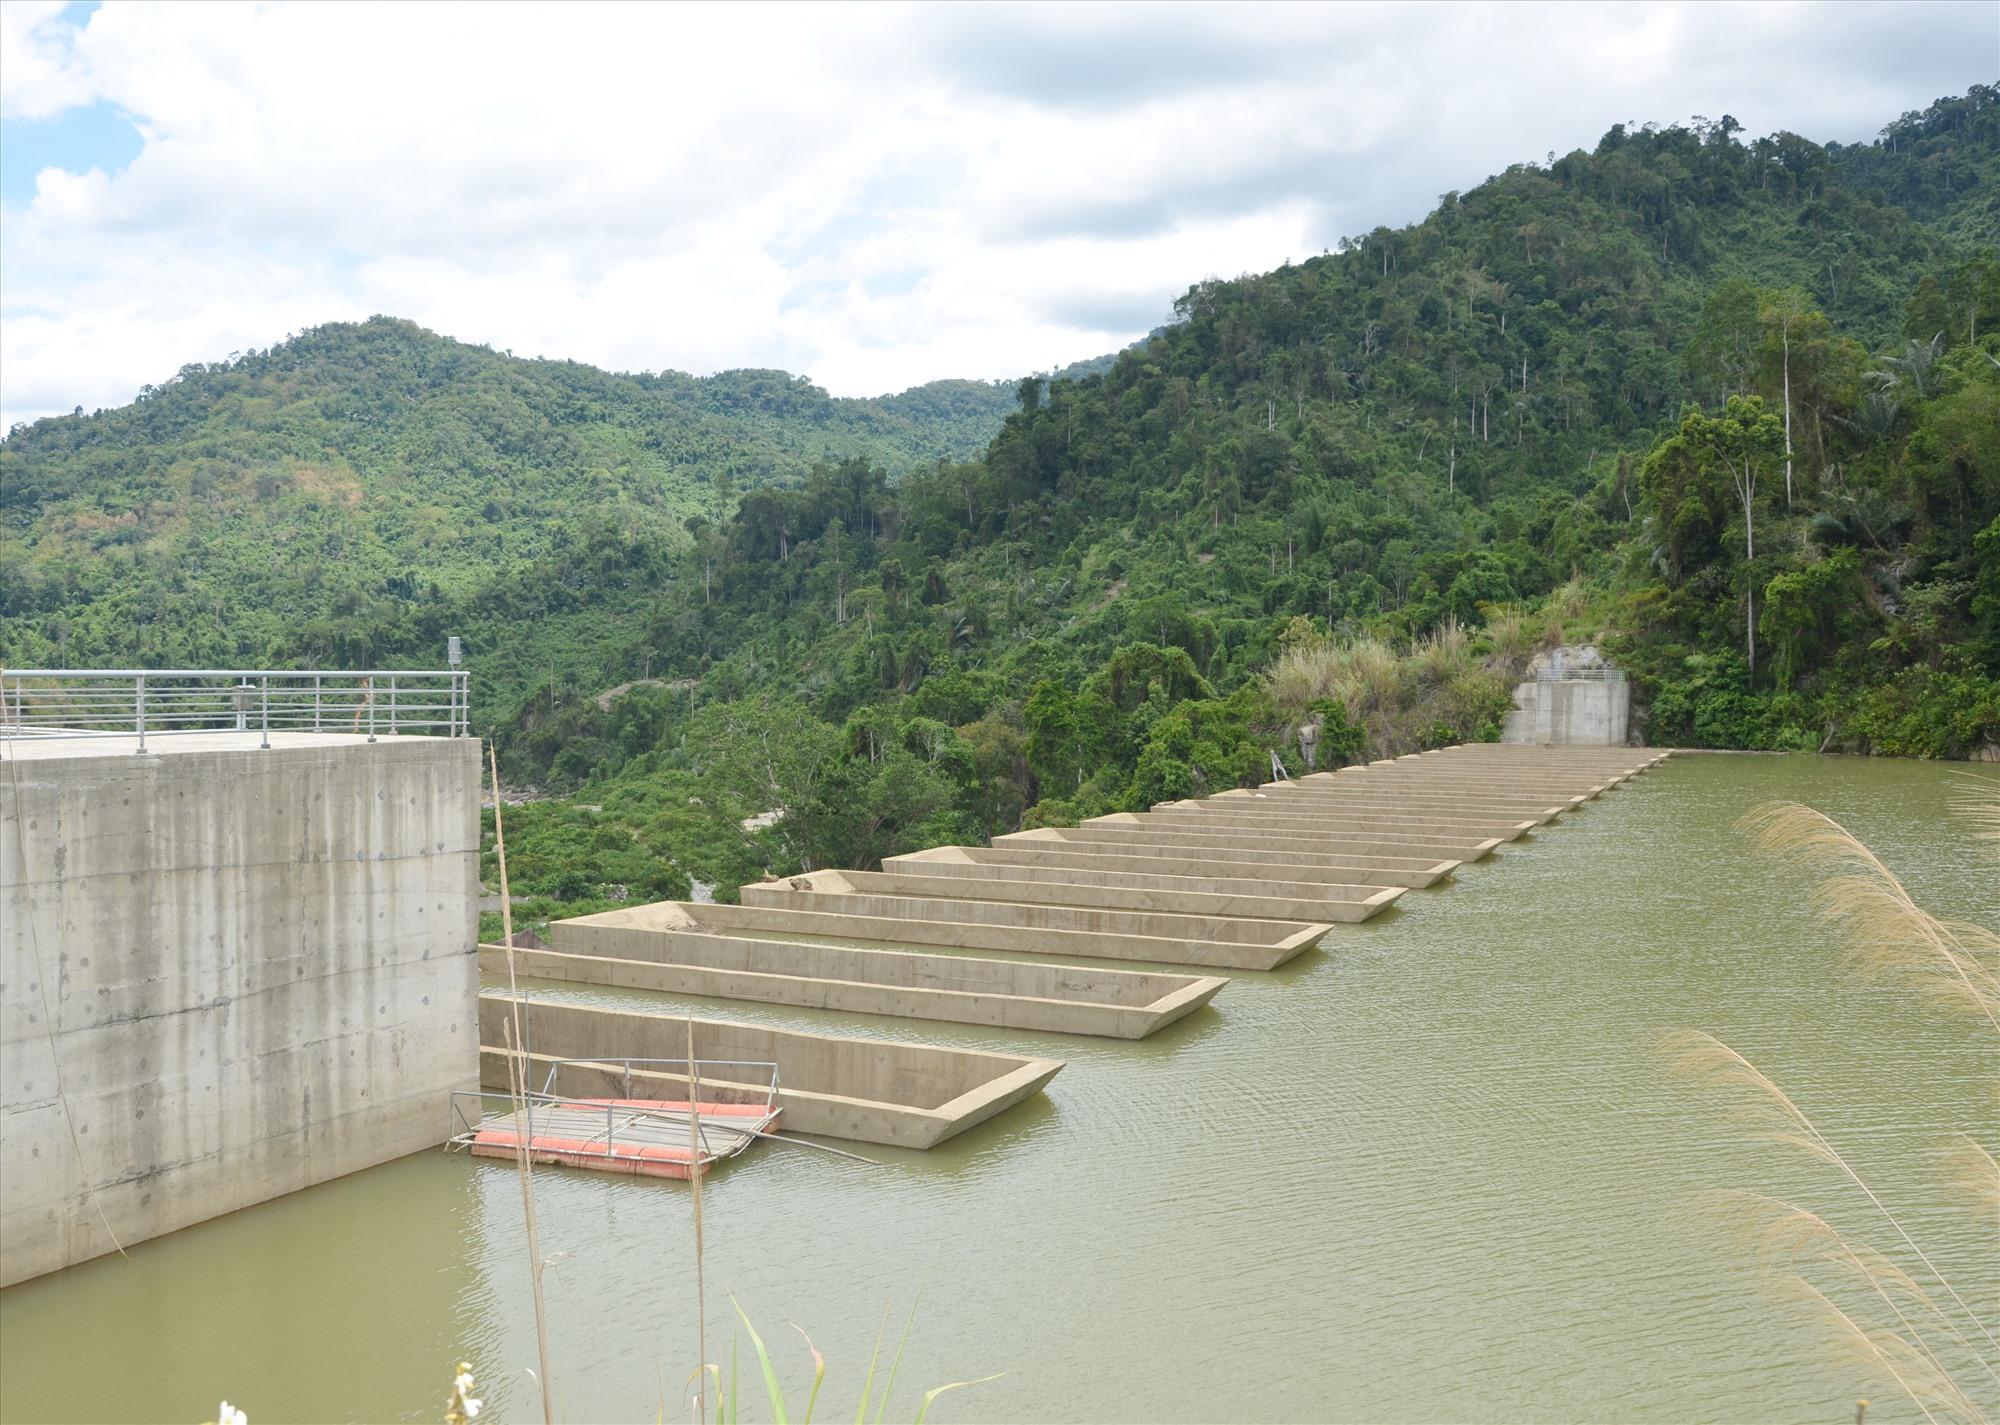 Hồ thủy điện ở miền núi tham gia điều tiết nước phục vụ sản xuất cho vùng hạ du. Ảnh:H.P